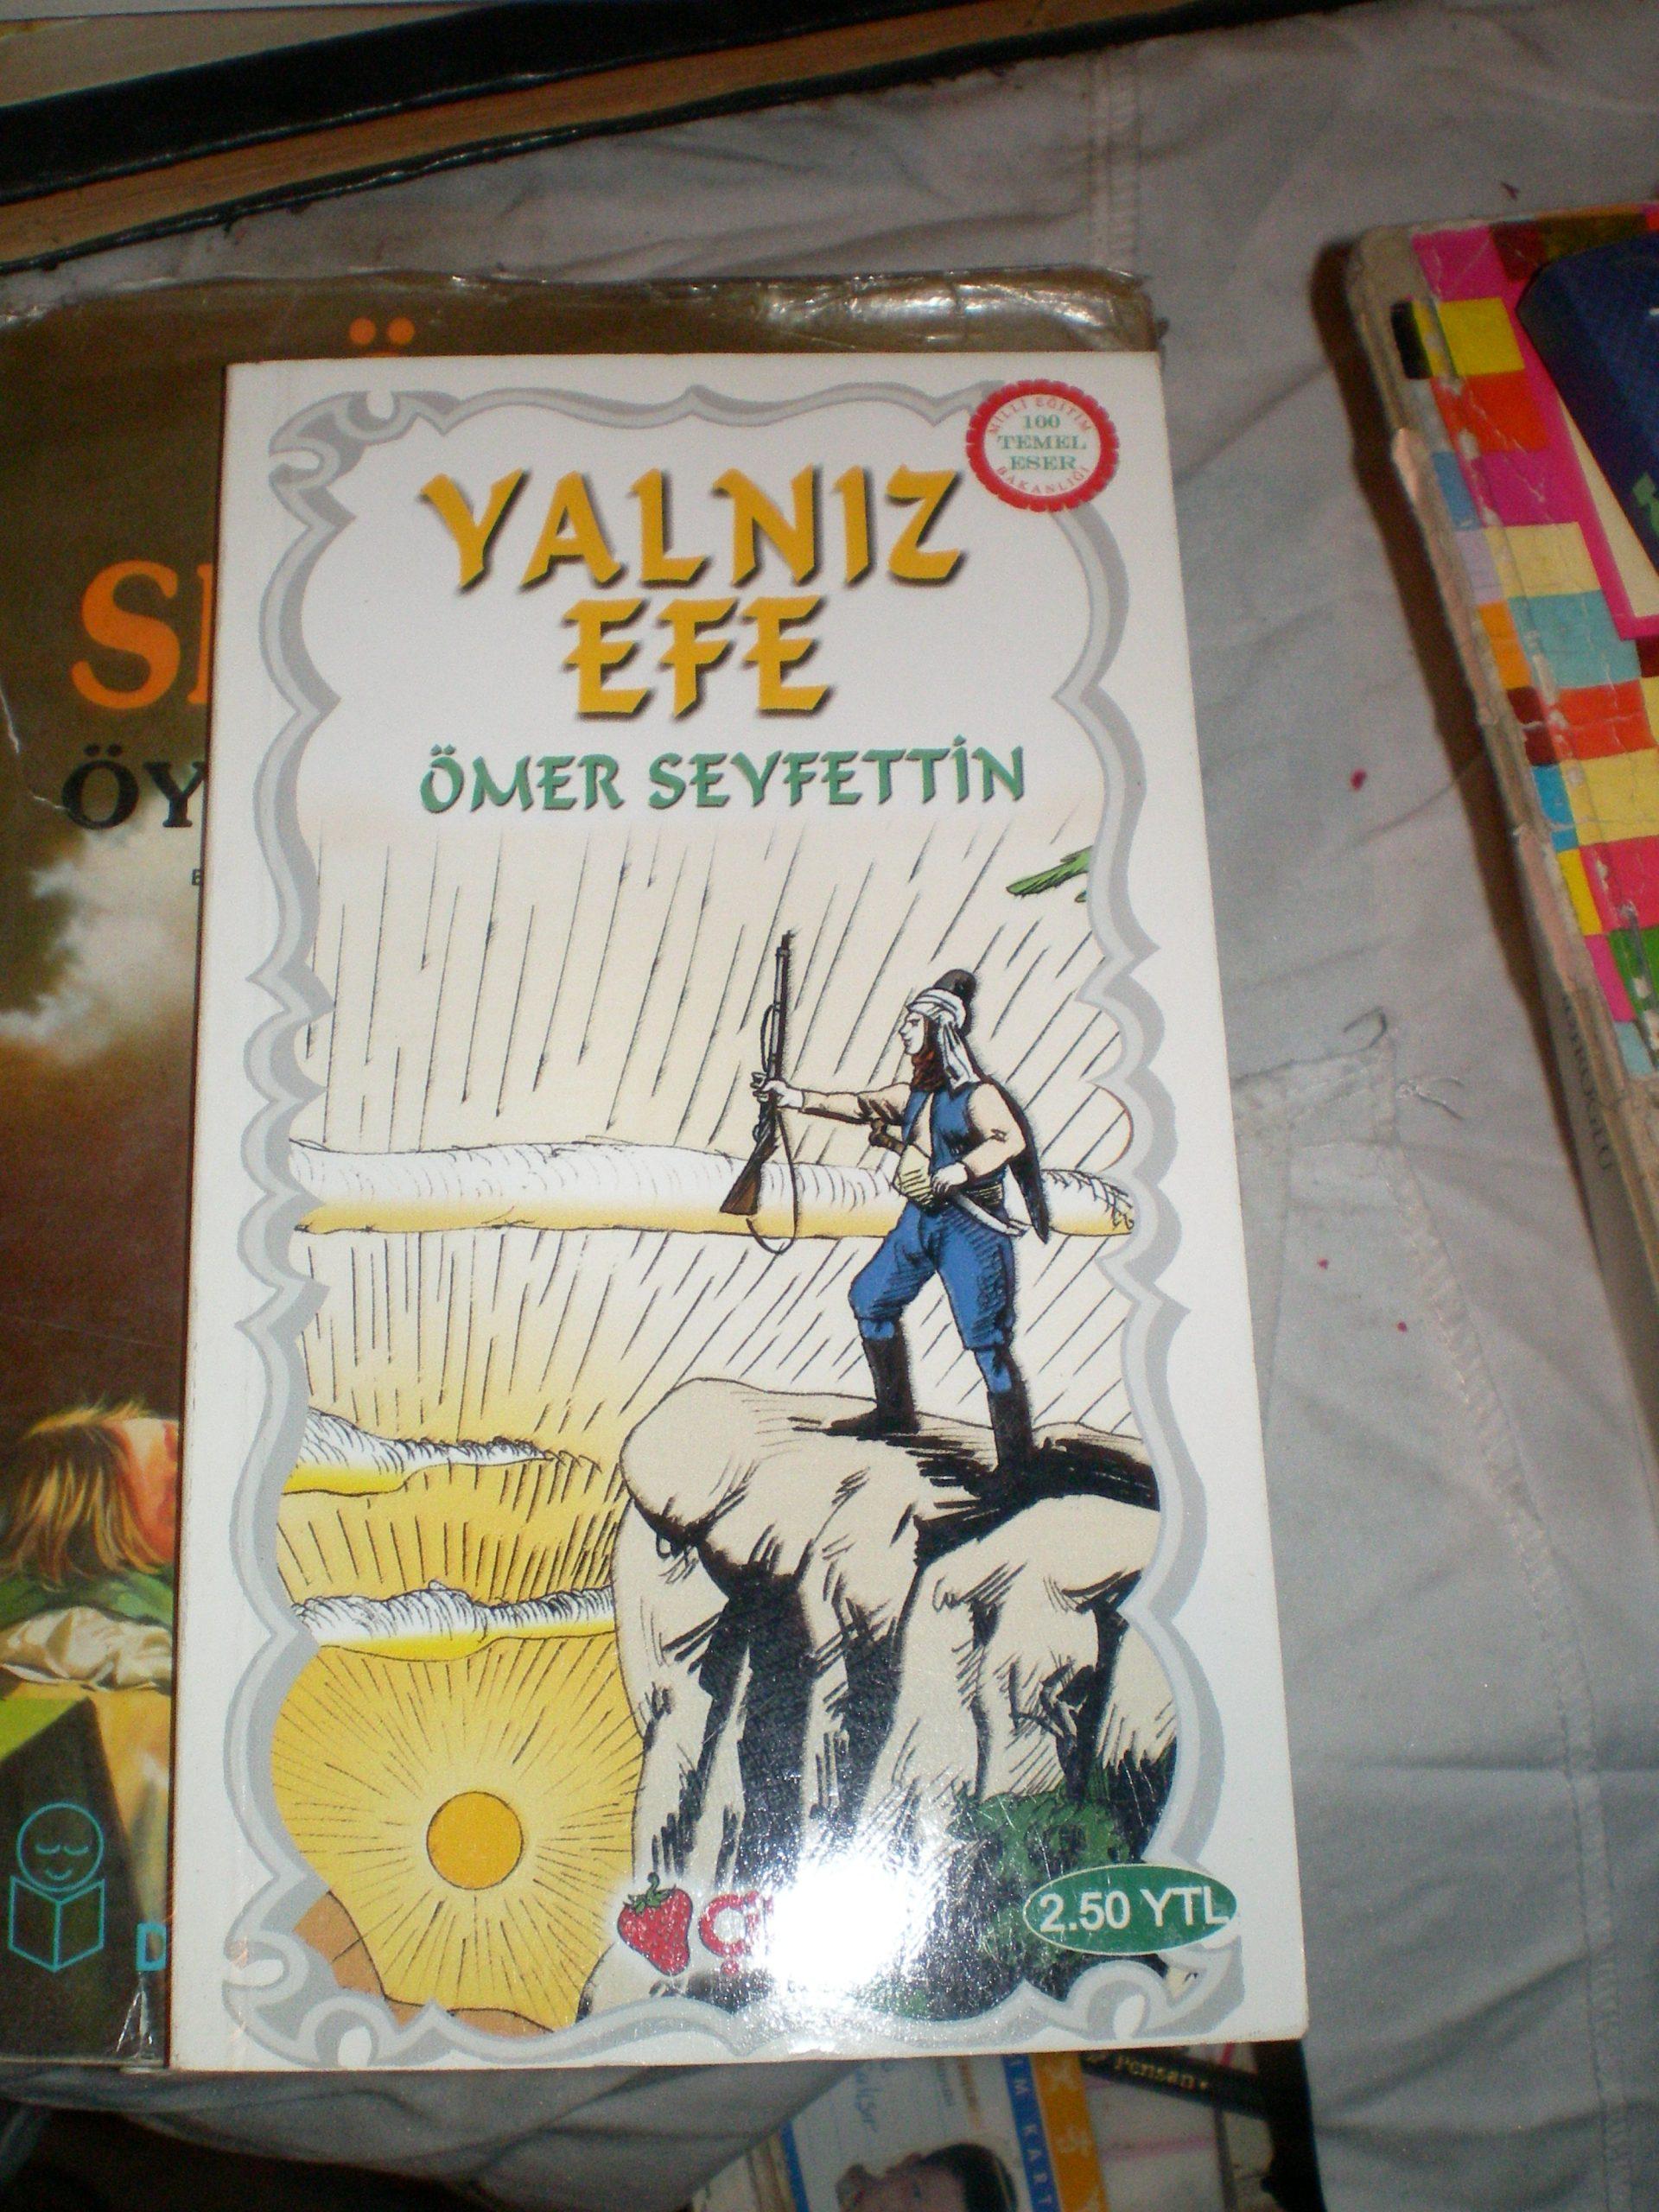 YALNIZ EFE/Ömer SEYFETTİN/5TL